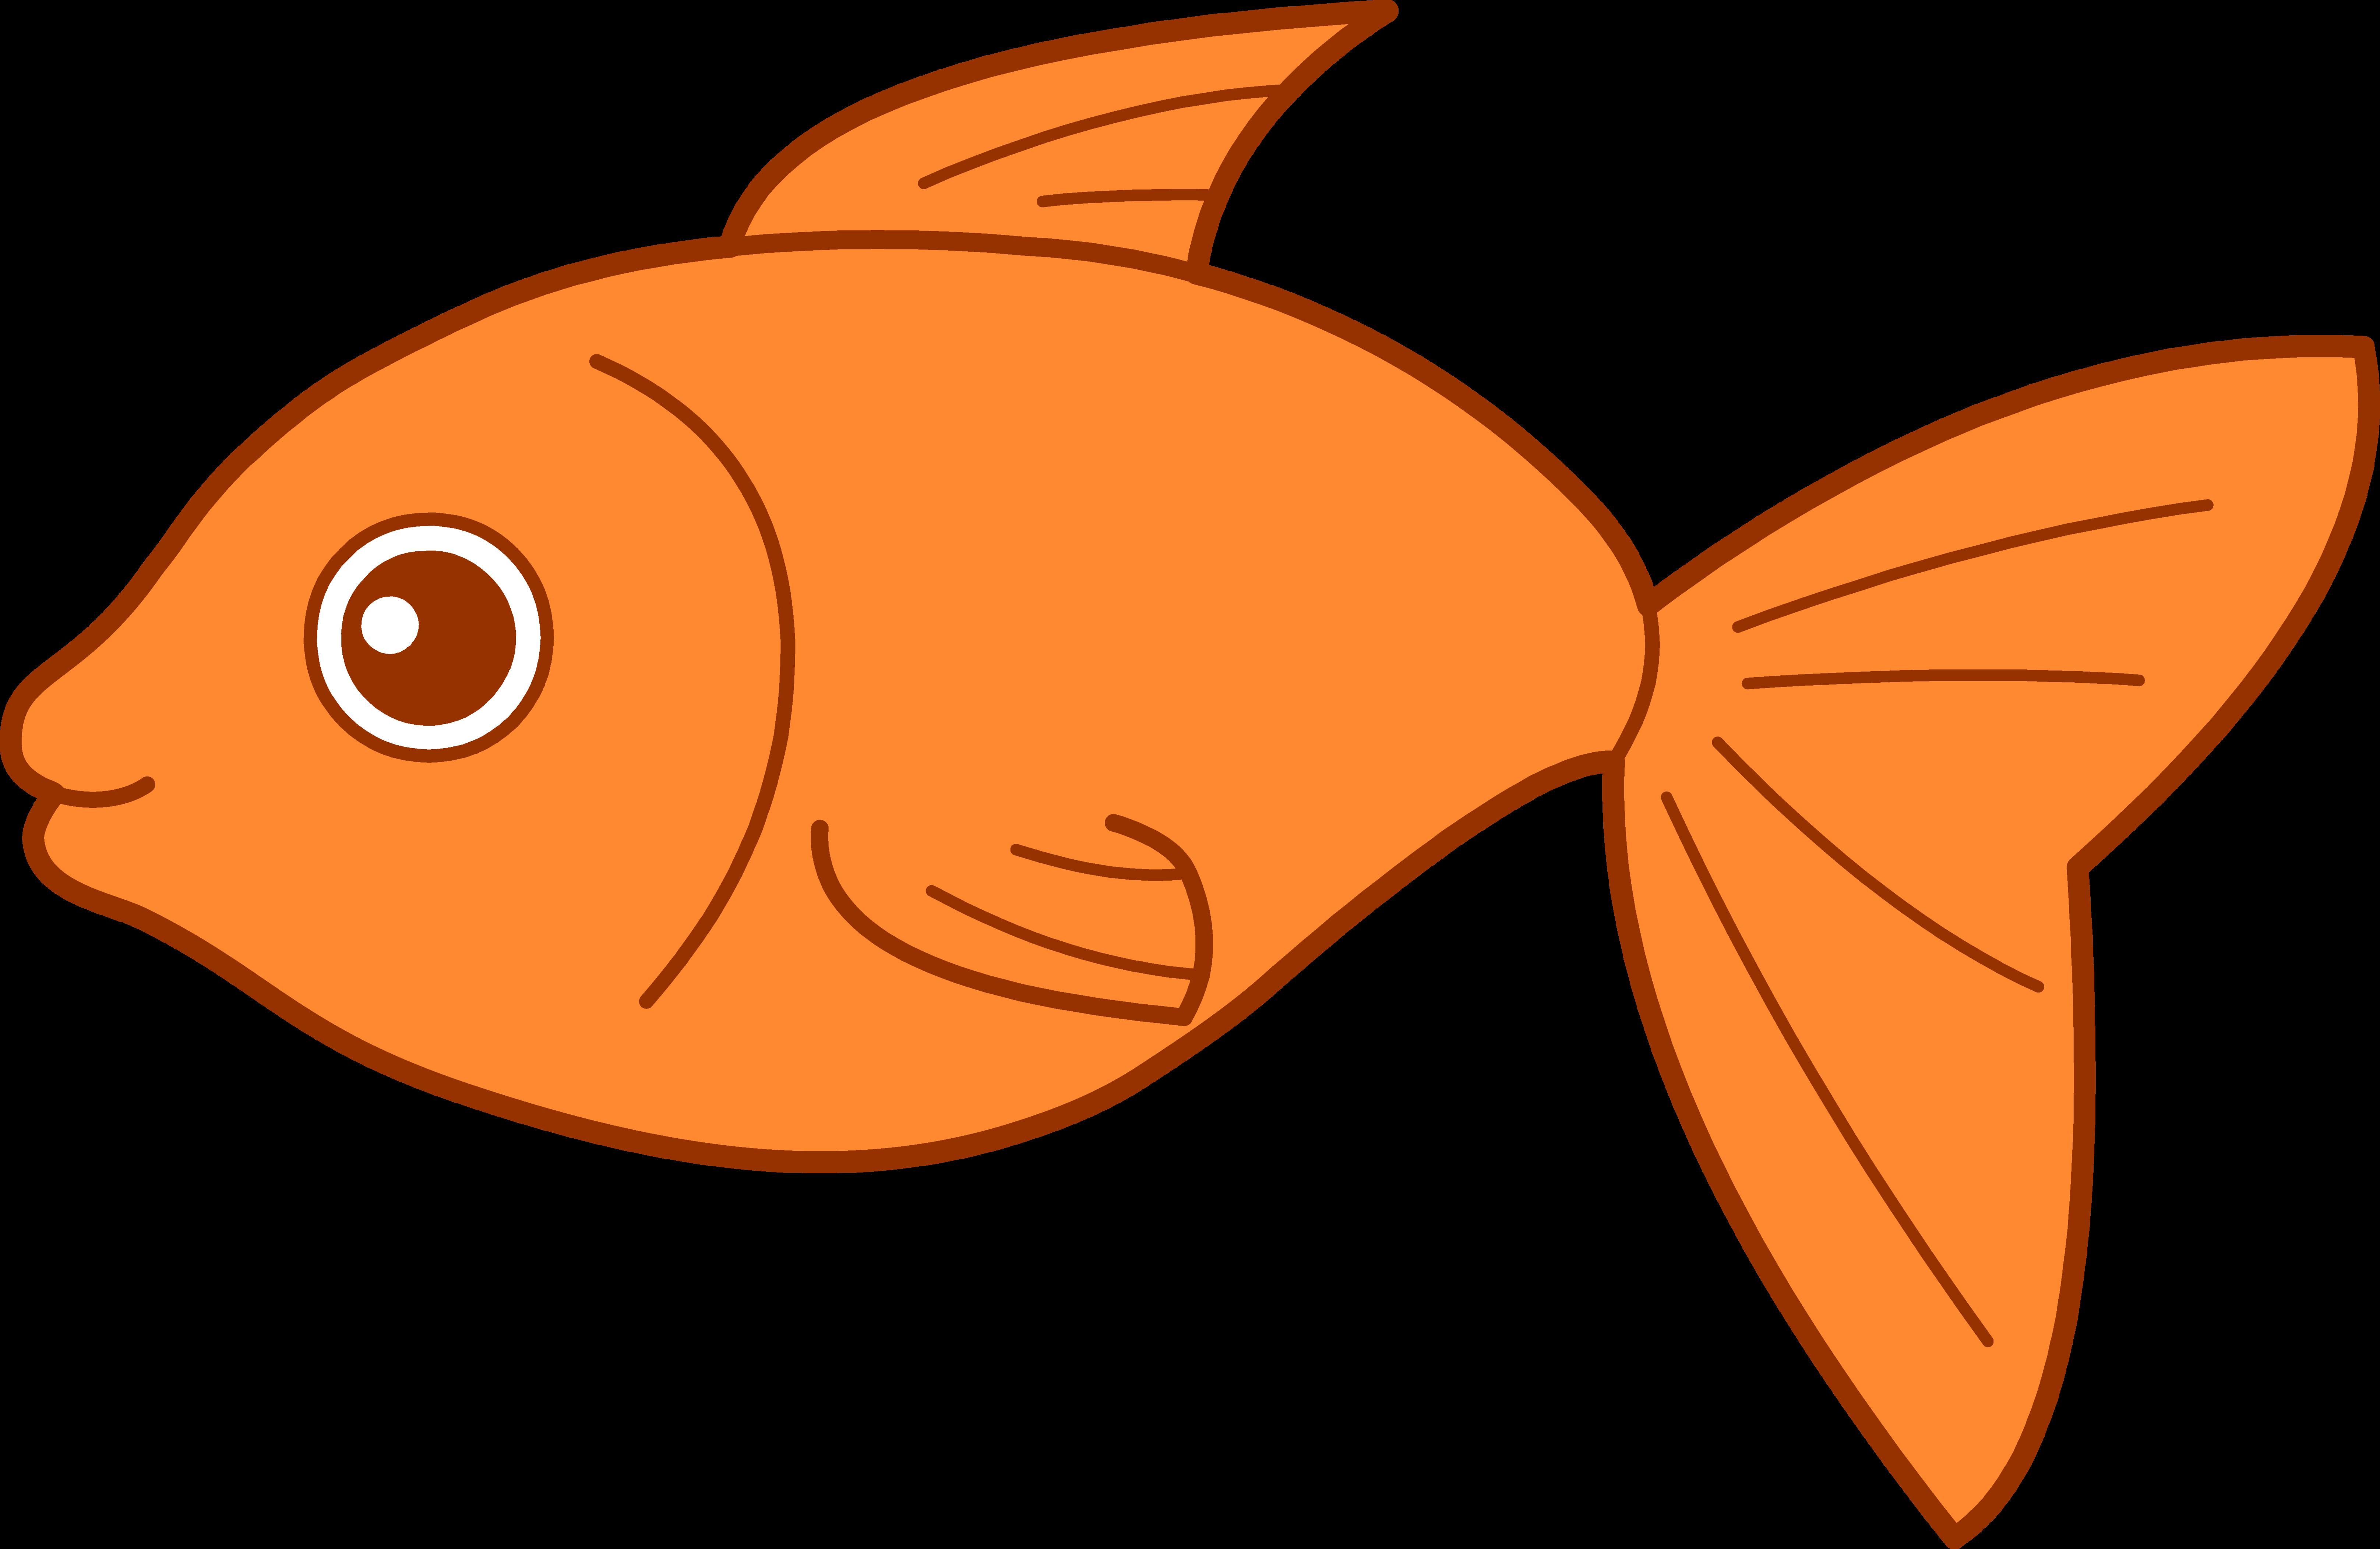 Koi Fish Clipart at GetDrawings.com.